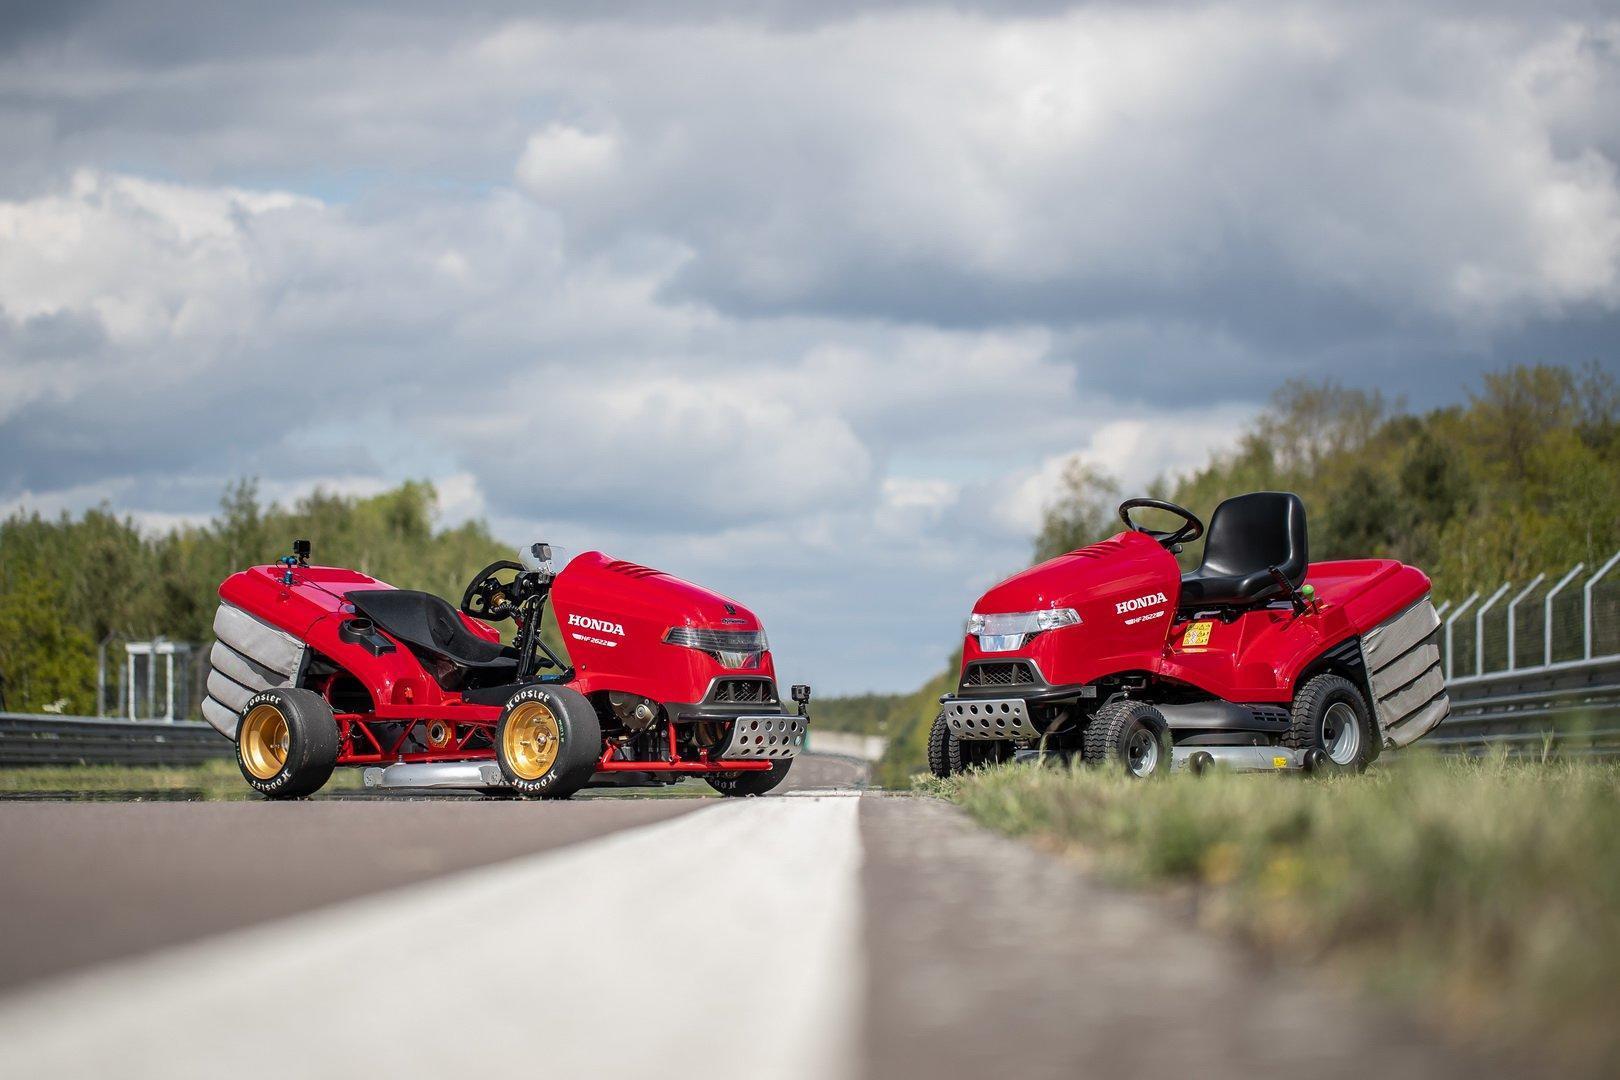 Honda Mean Mower V2 - Honda Mean Mower V2